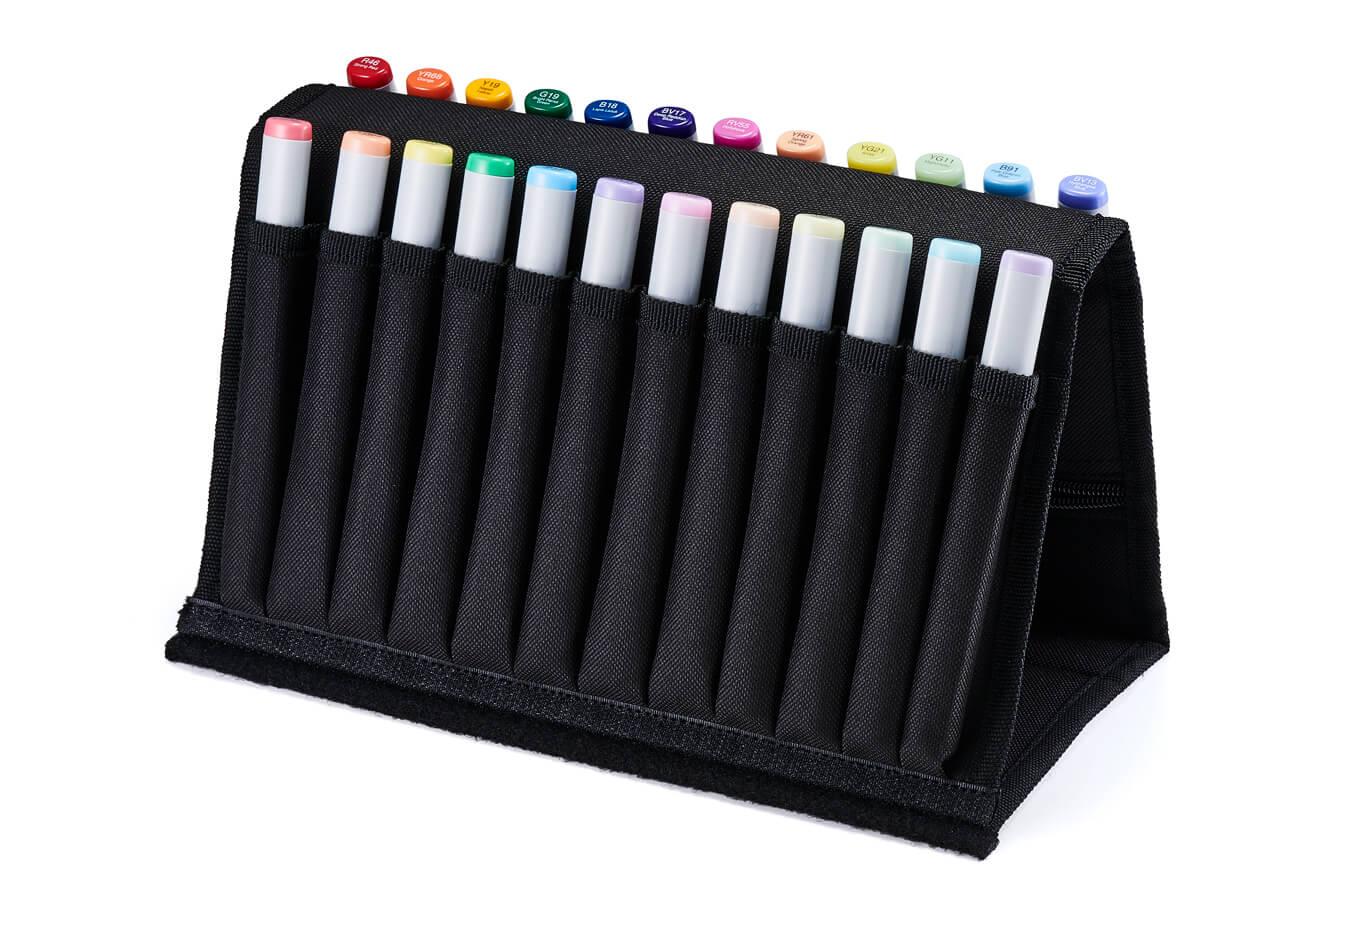 copic wallet 24color